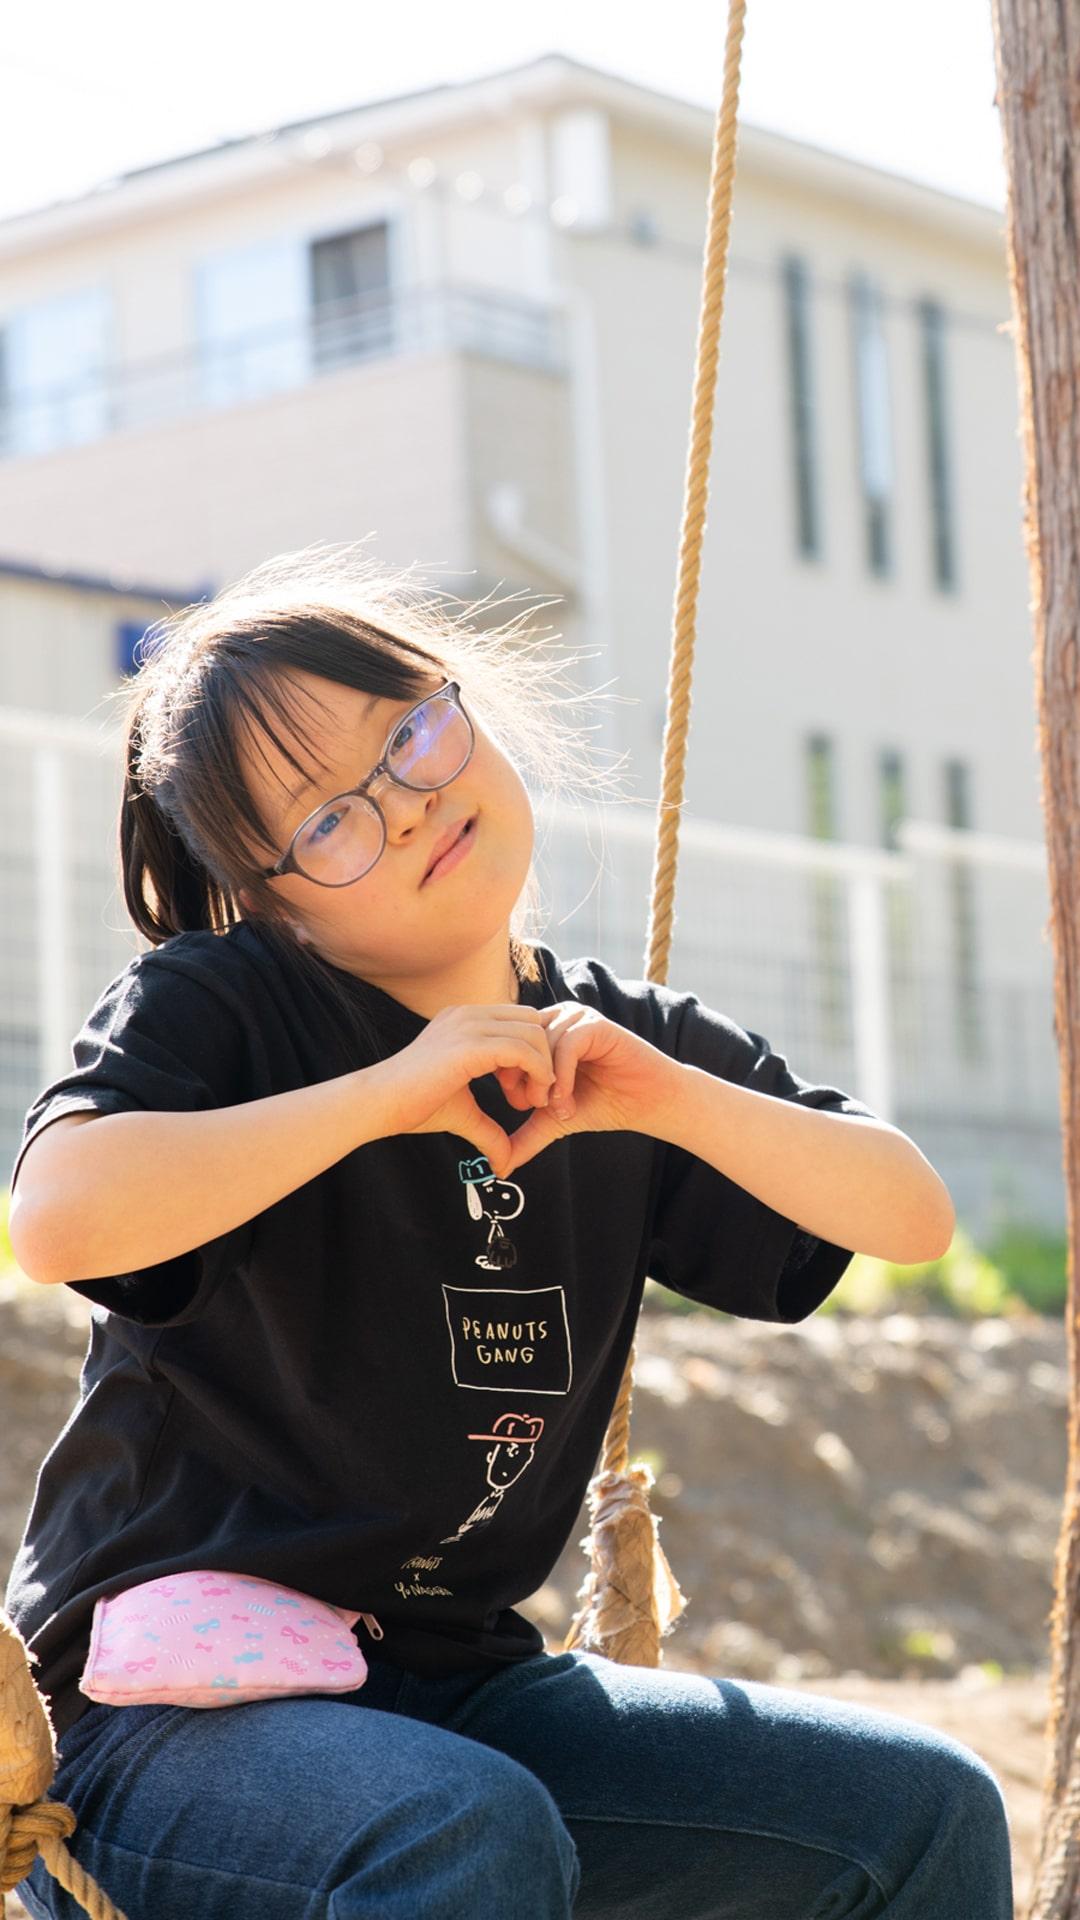 障害を持つ子供達の笑顔